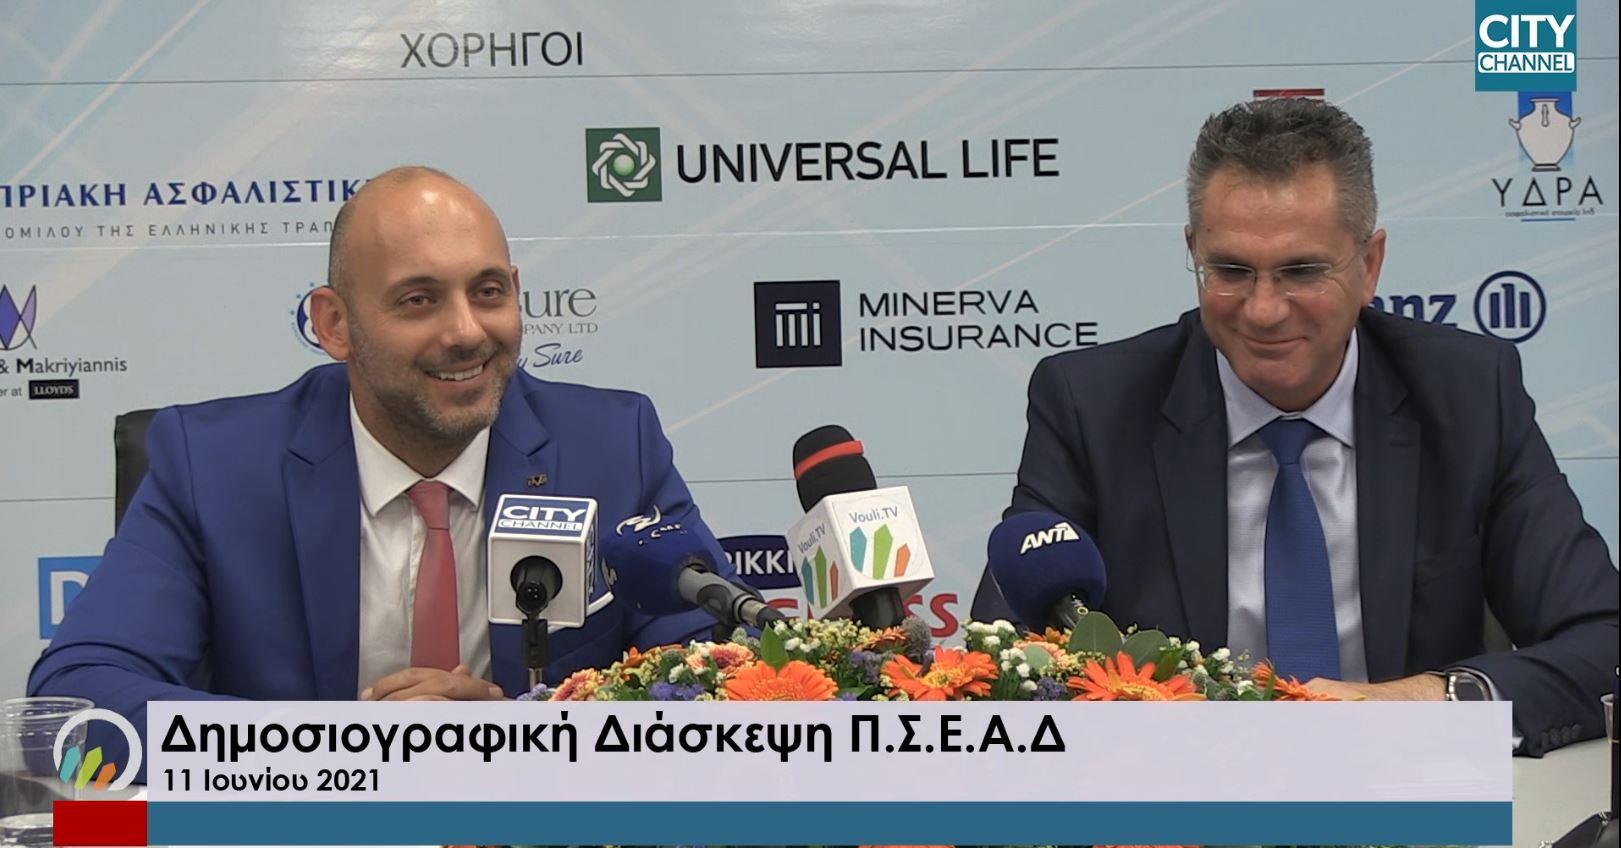 Δημοσιογραφική Διάσκεψη | 6ου Παγκύπριου Συνέδριου Π.Σ.E.Α.Δ - Απο την κρίση στην διάκριση